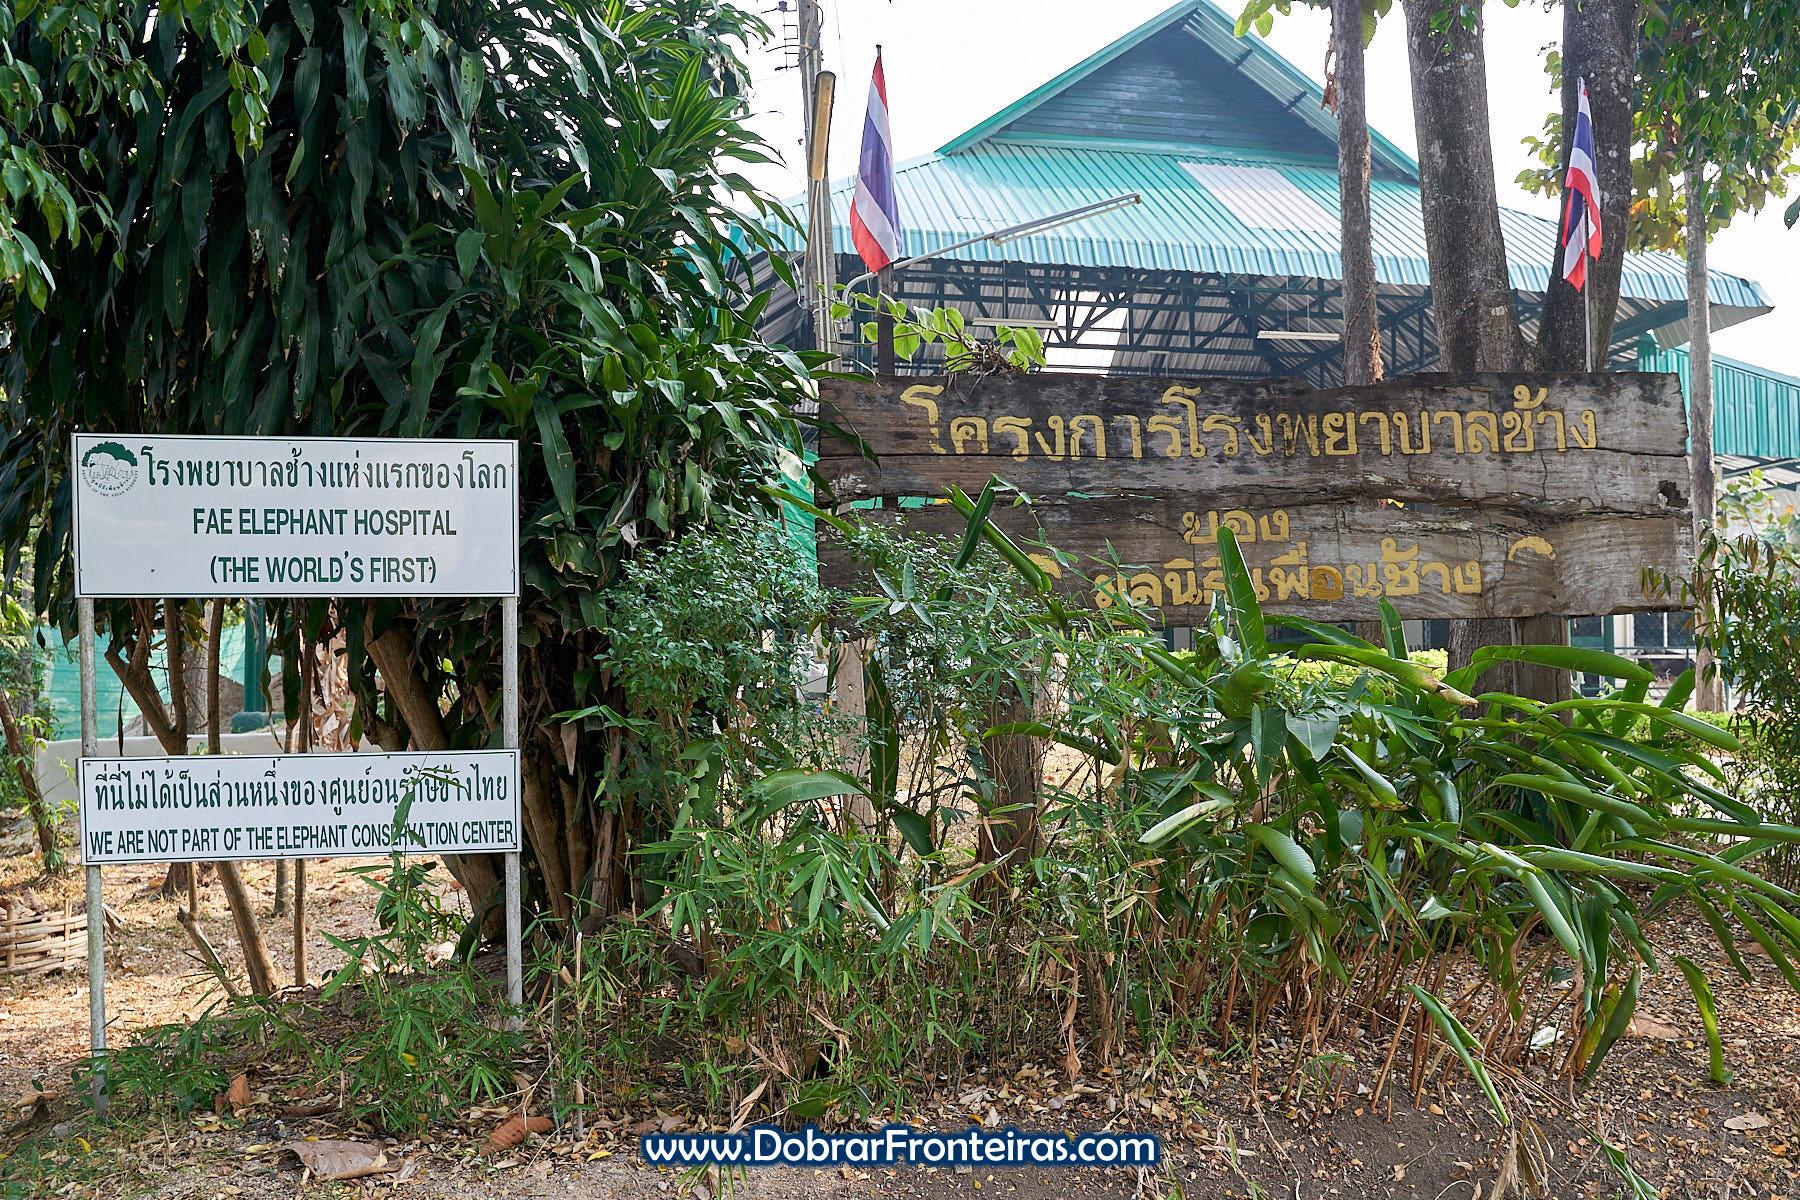 Hospital de elefantes FAE na Tailândia